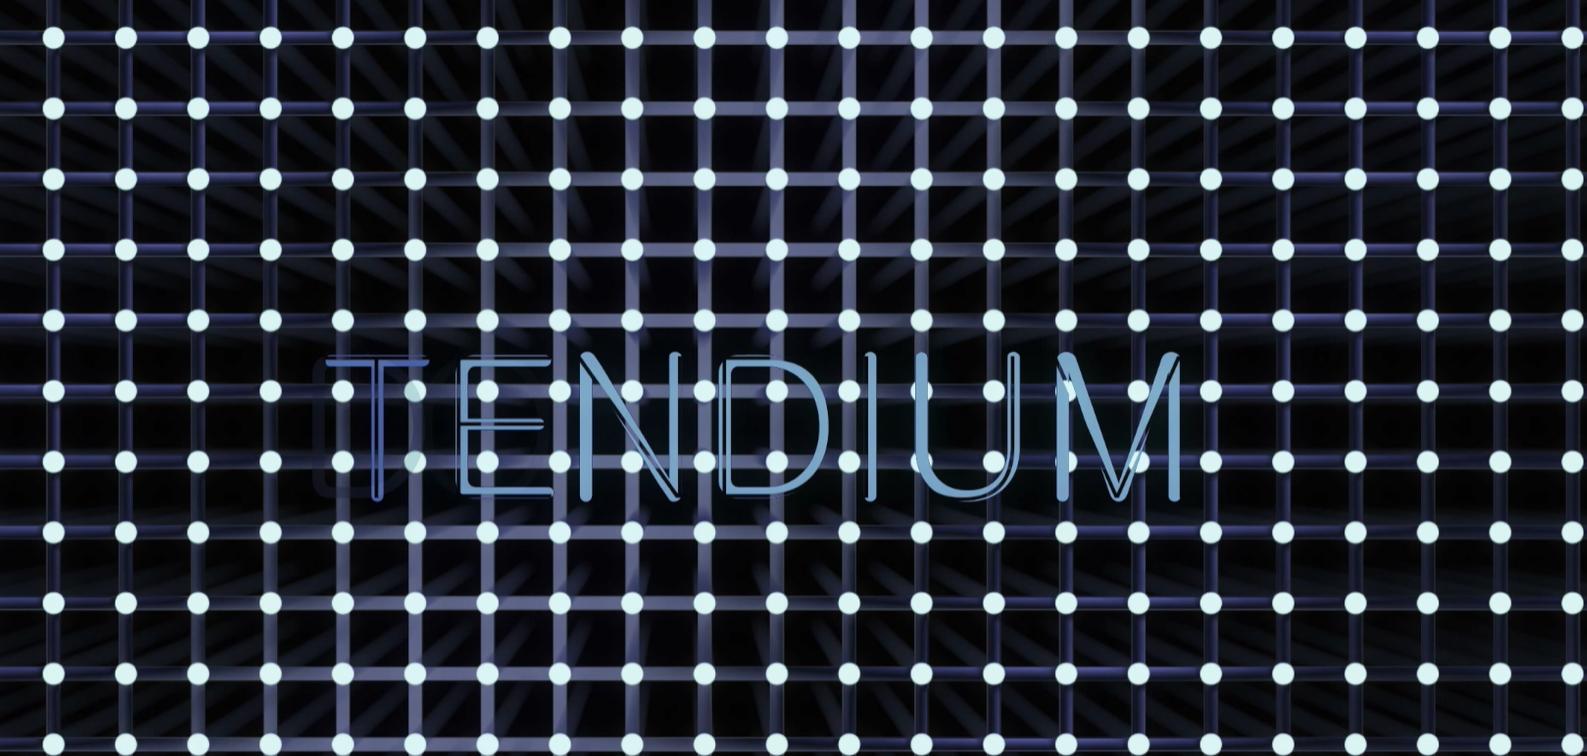 Tendium